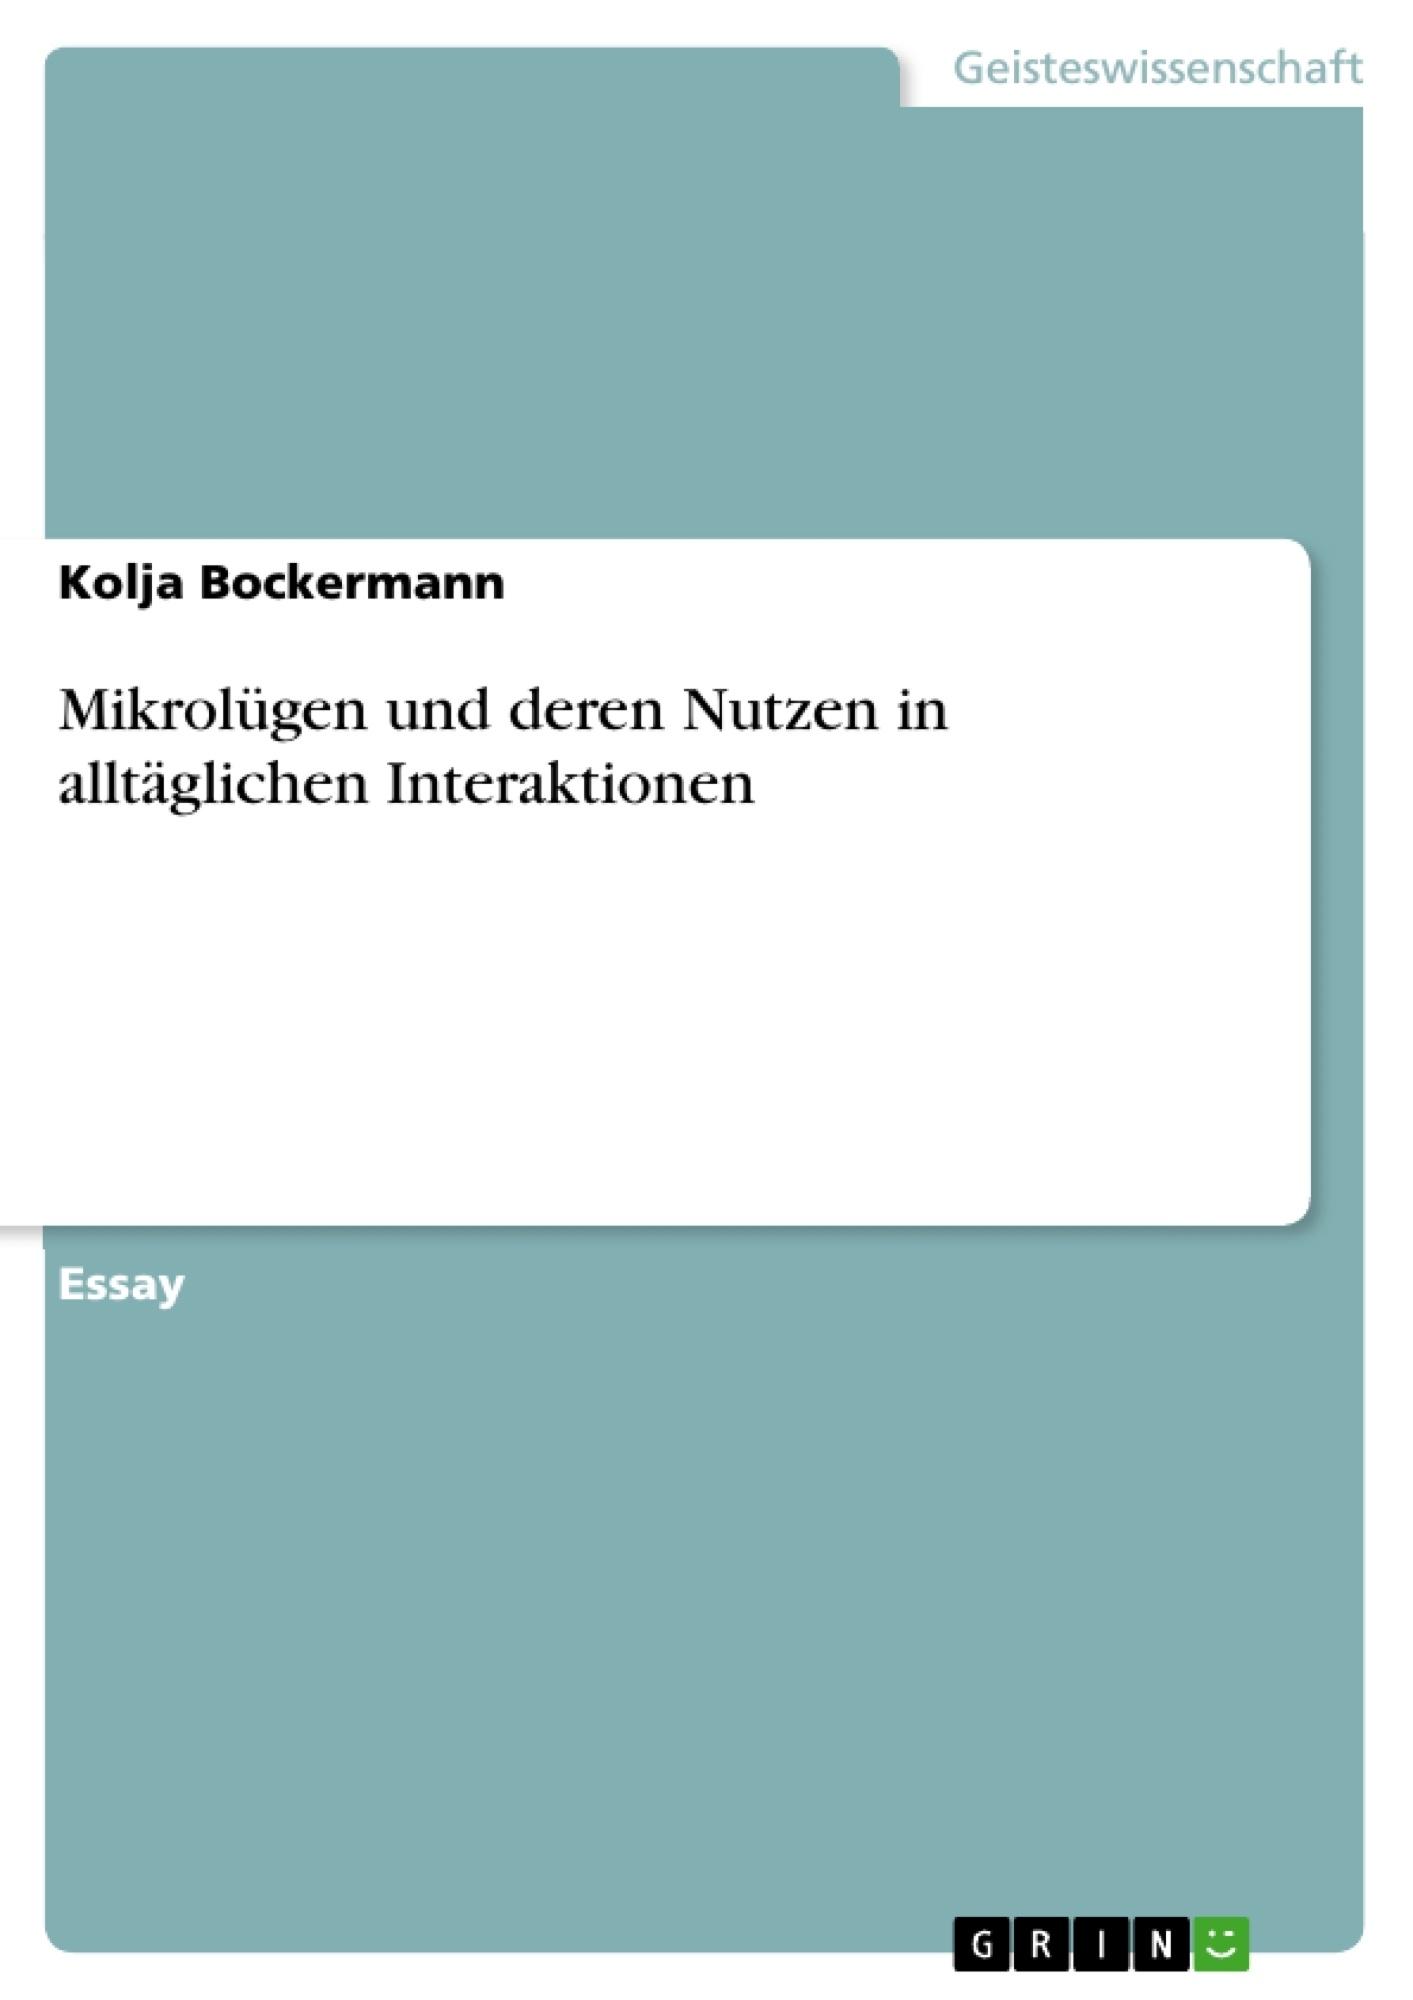 Titel: Mikrolügen und deren Nutzen in alltäglichen Interaktionen